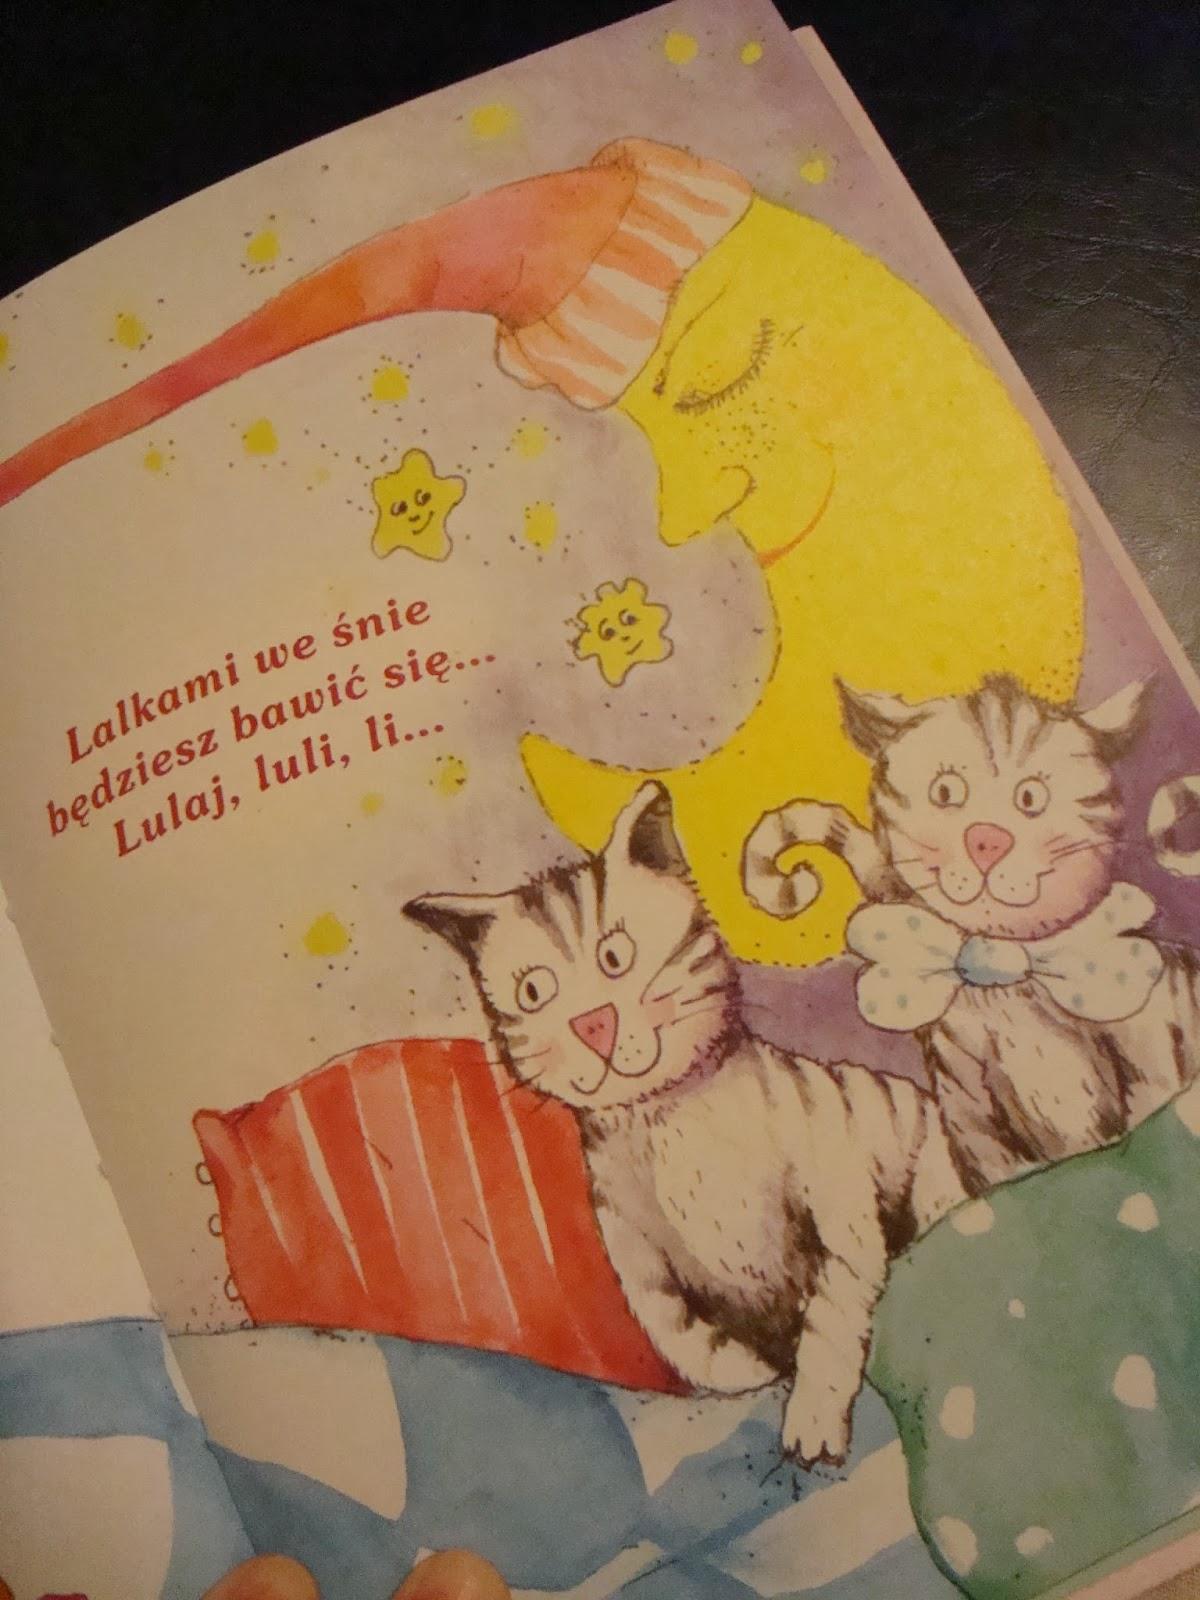 książka Kołysanki, wydawnictwa dreams, teksty kołysanek,